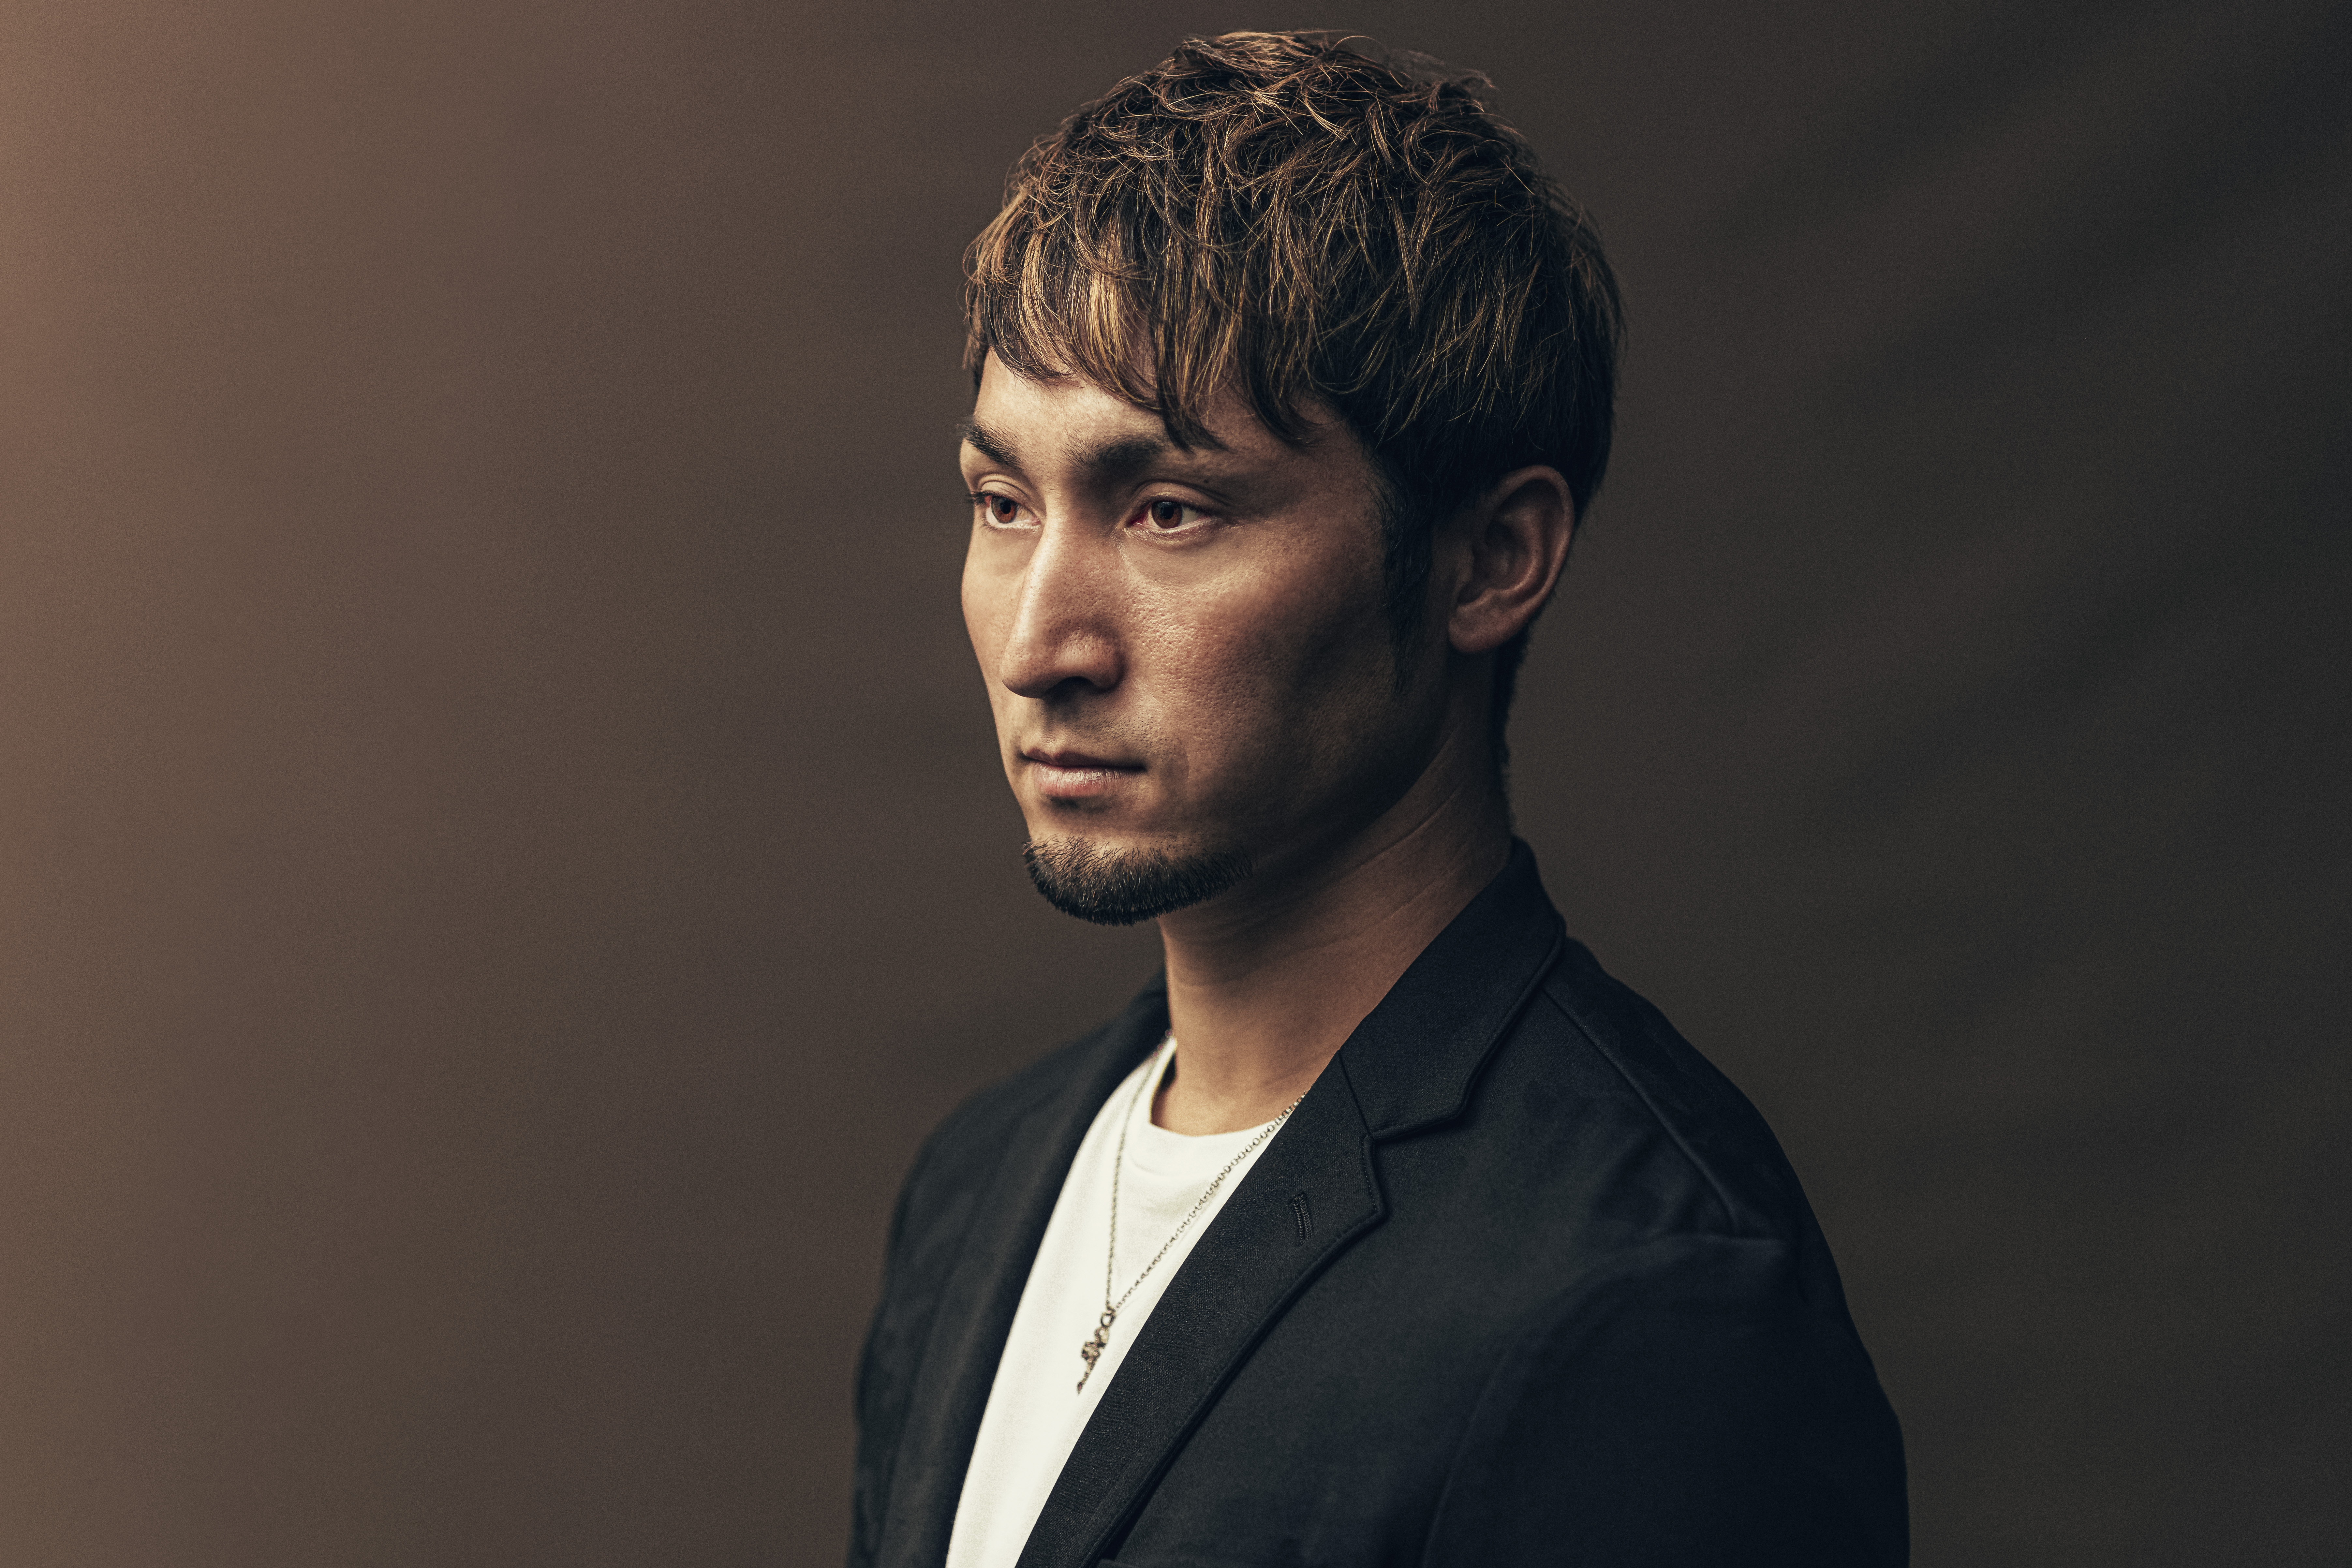 伊藤光 / プロ野球選手(Forbes JAPAN)